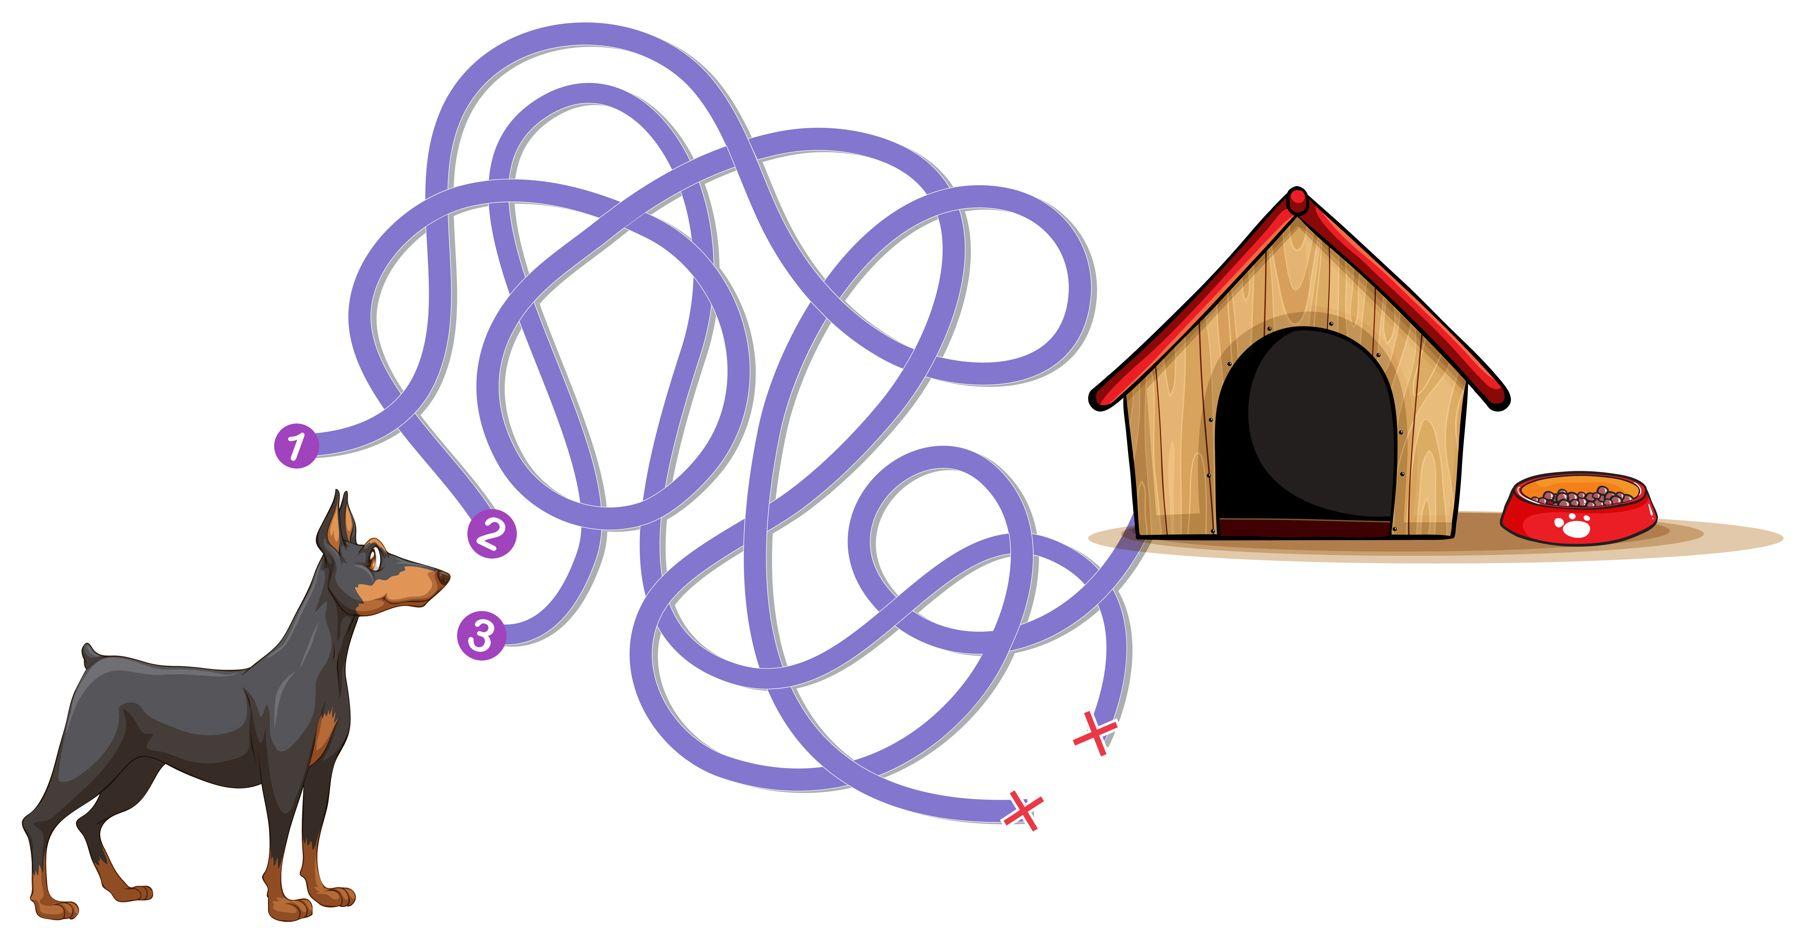 عکس ماز برای کودکان ،تمرین ماز برای کودکان ساده و سخت